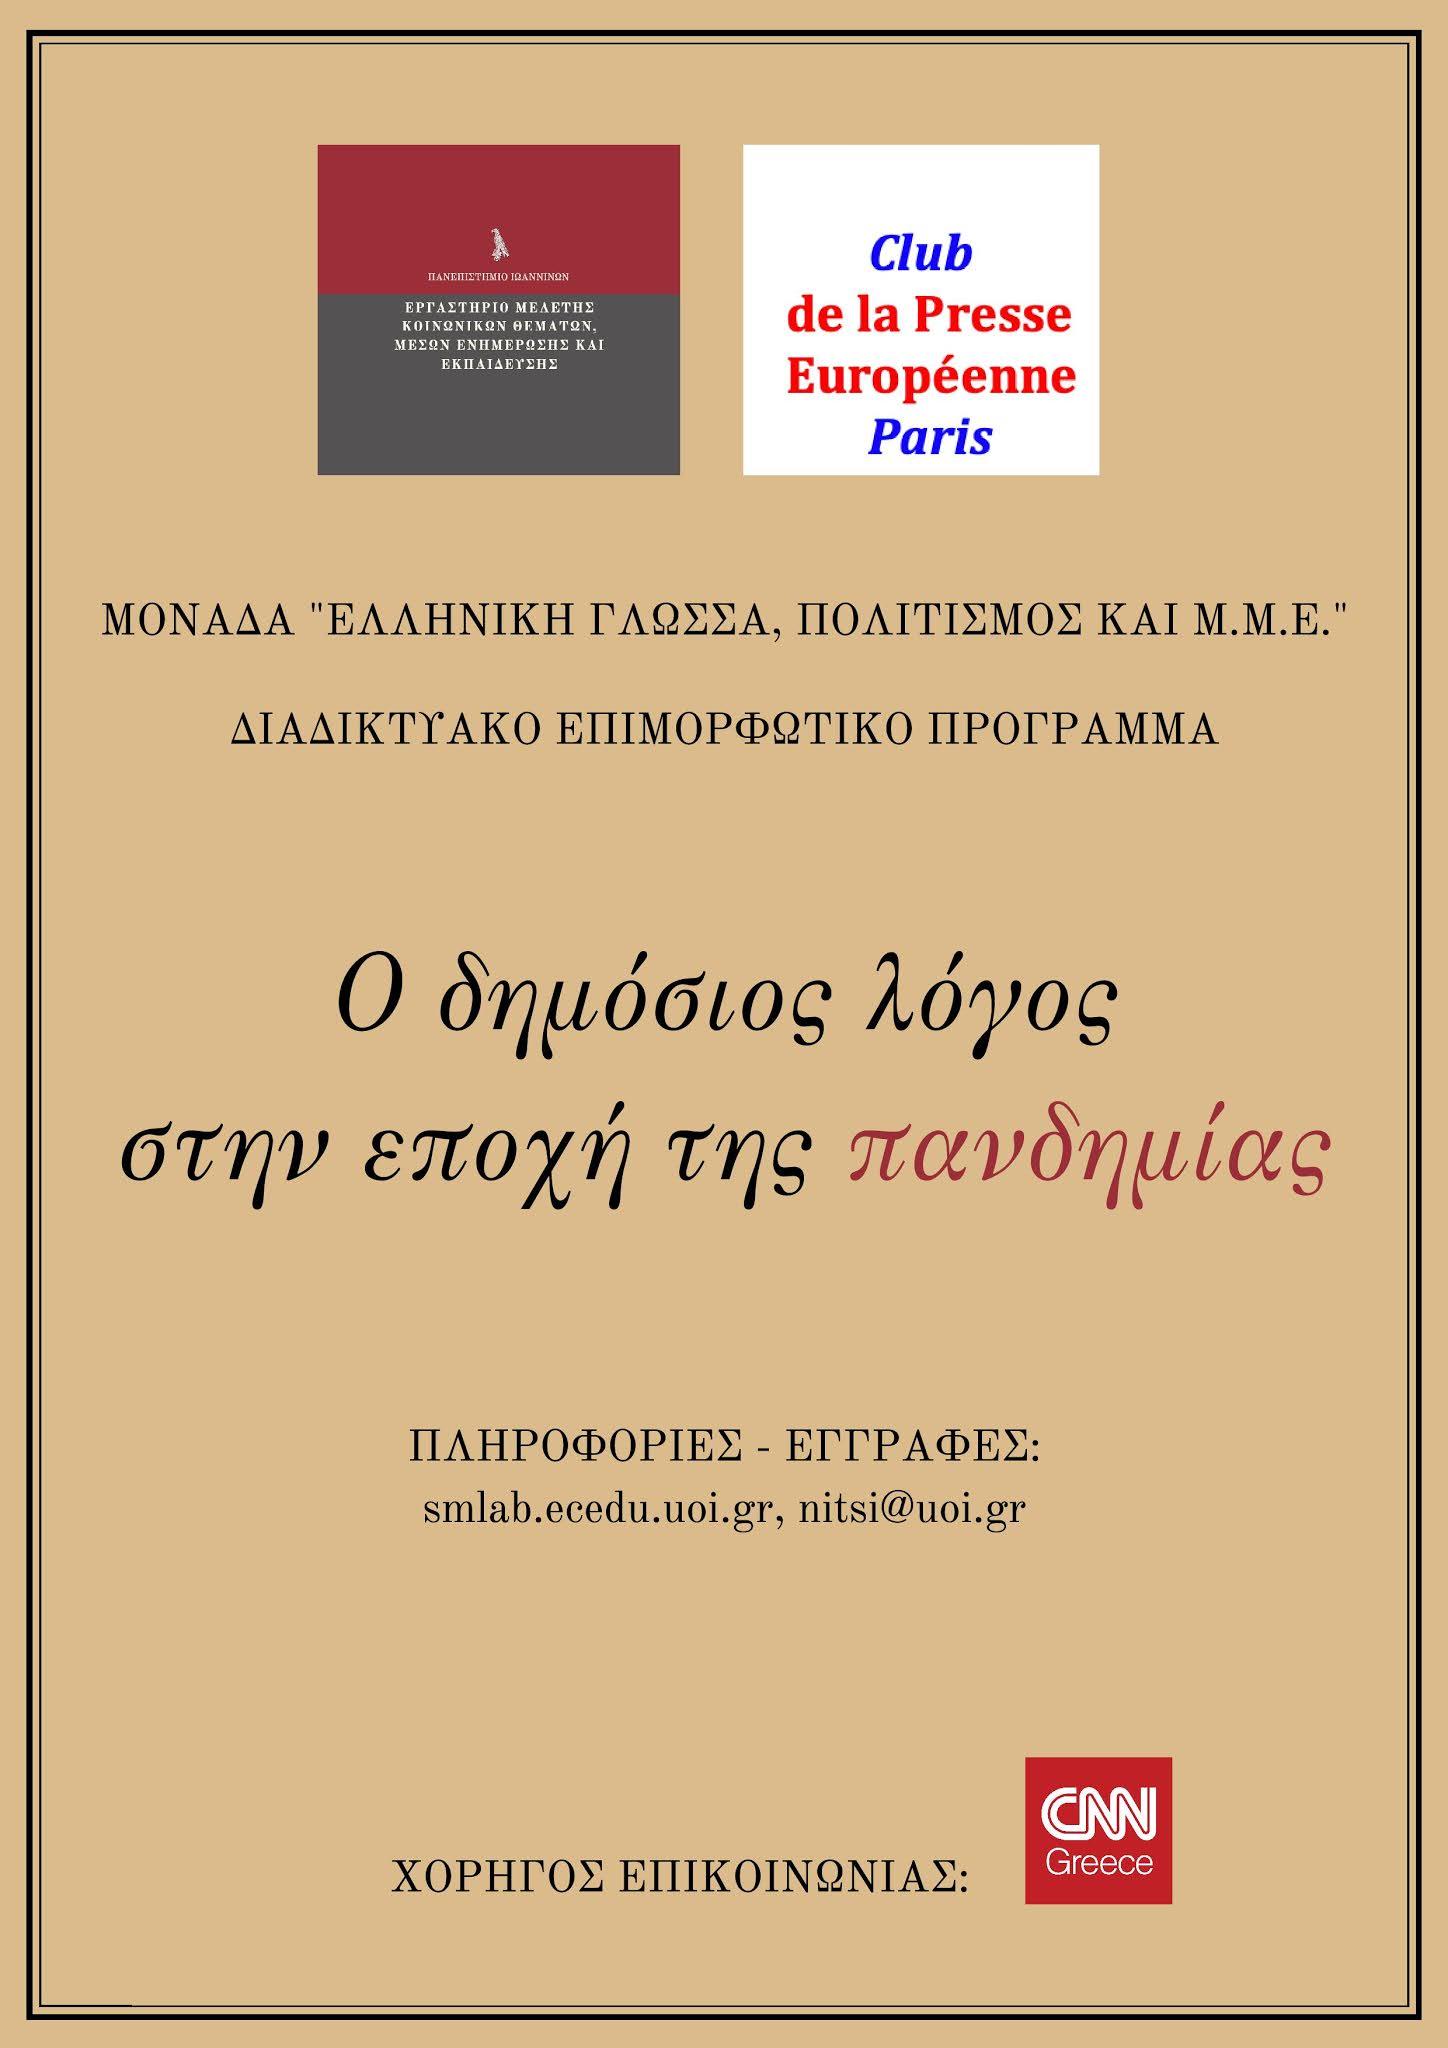 Πανεπιστήμιο Ιωαννίνων:Ξεκινά στις 5 Φεβρουαρίου το πρόγραμμα για τον δημόσιο λόγο στην πανδημία